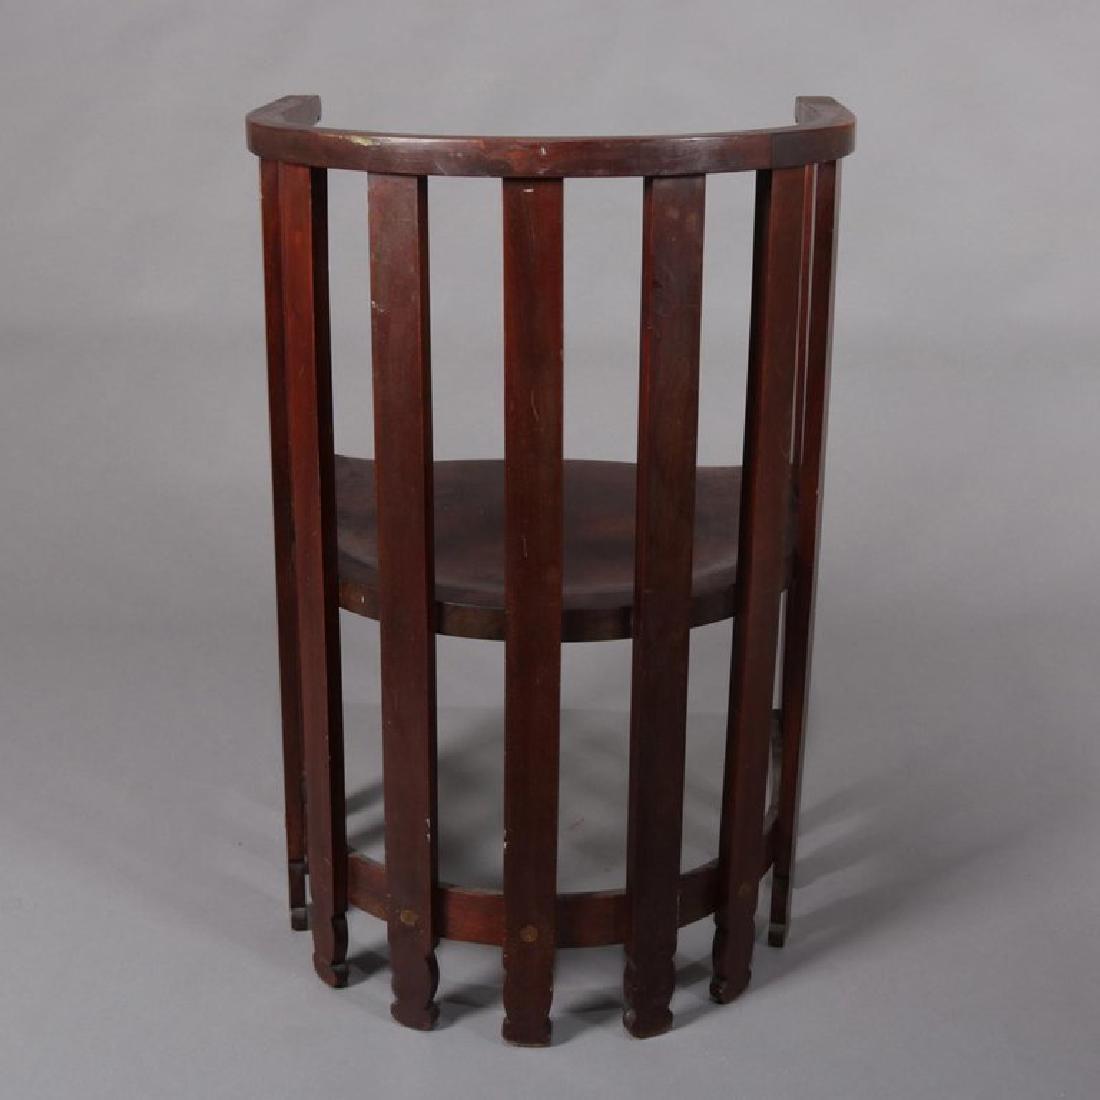 Arts & Crafts Prairie Frank Lloyd Wright School Chair - 2